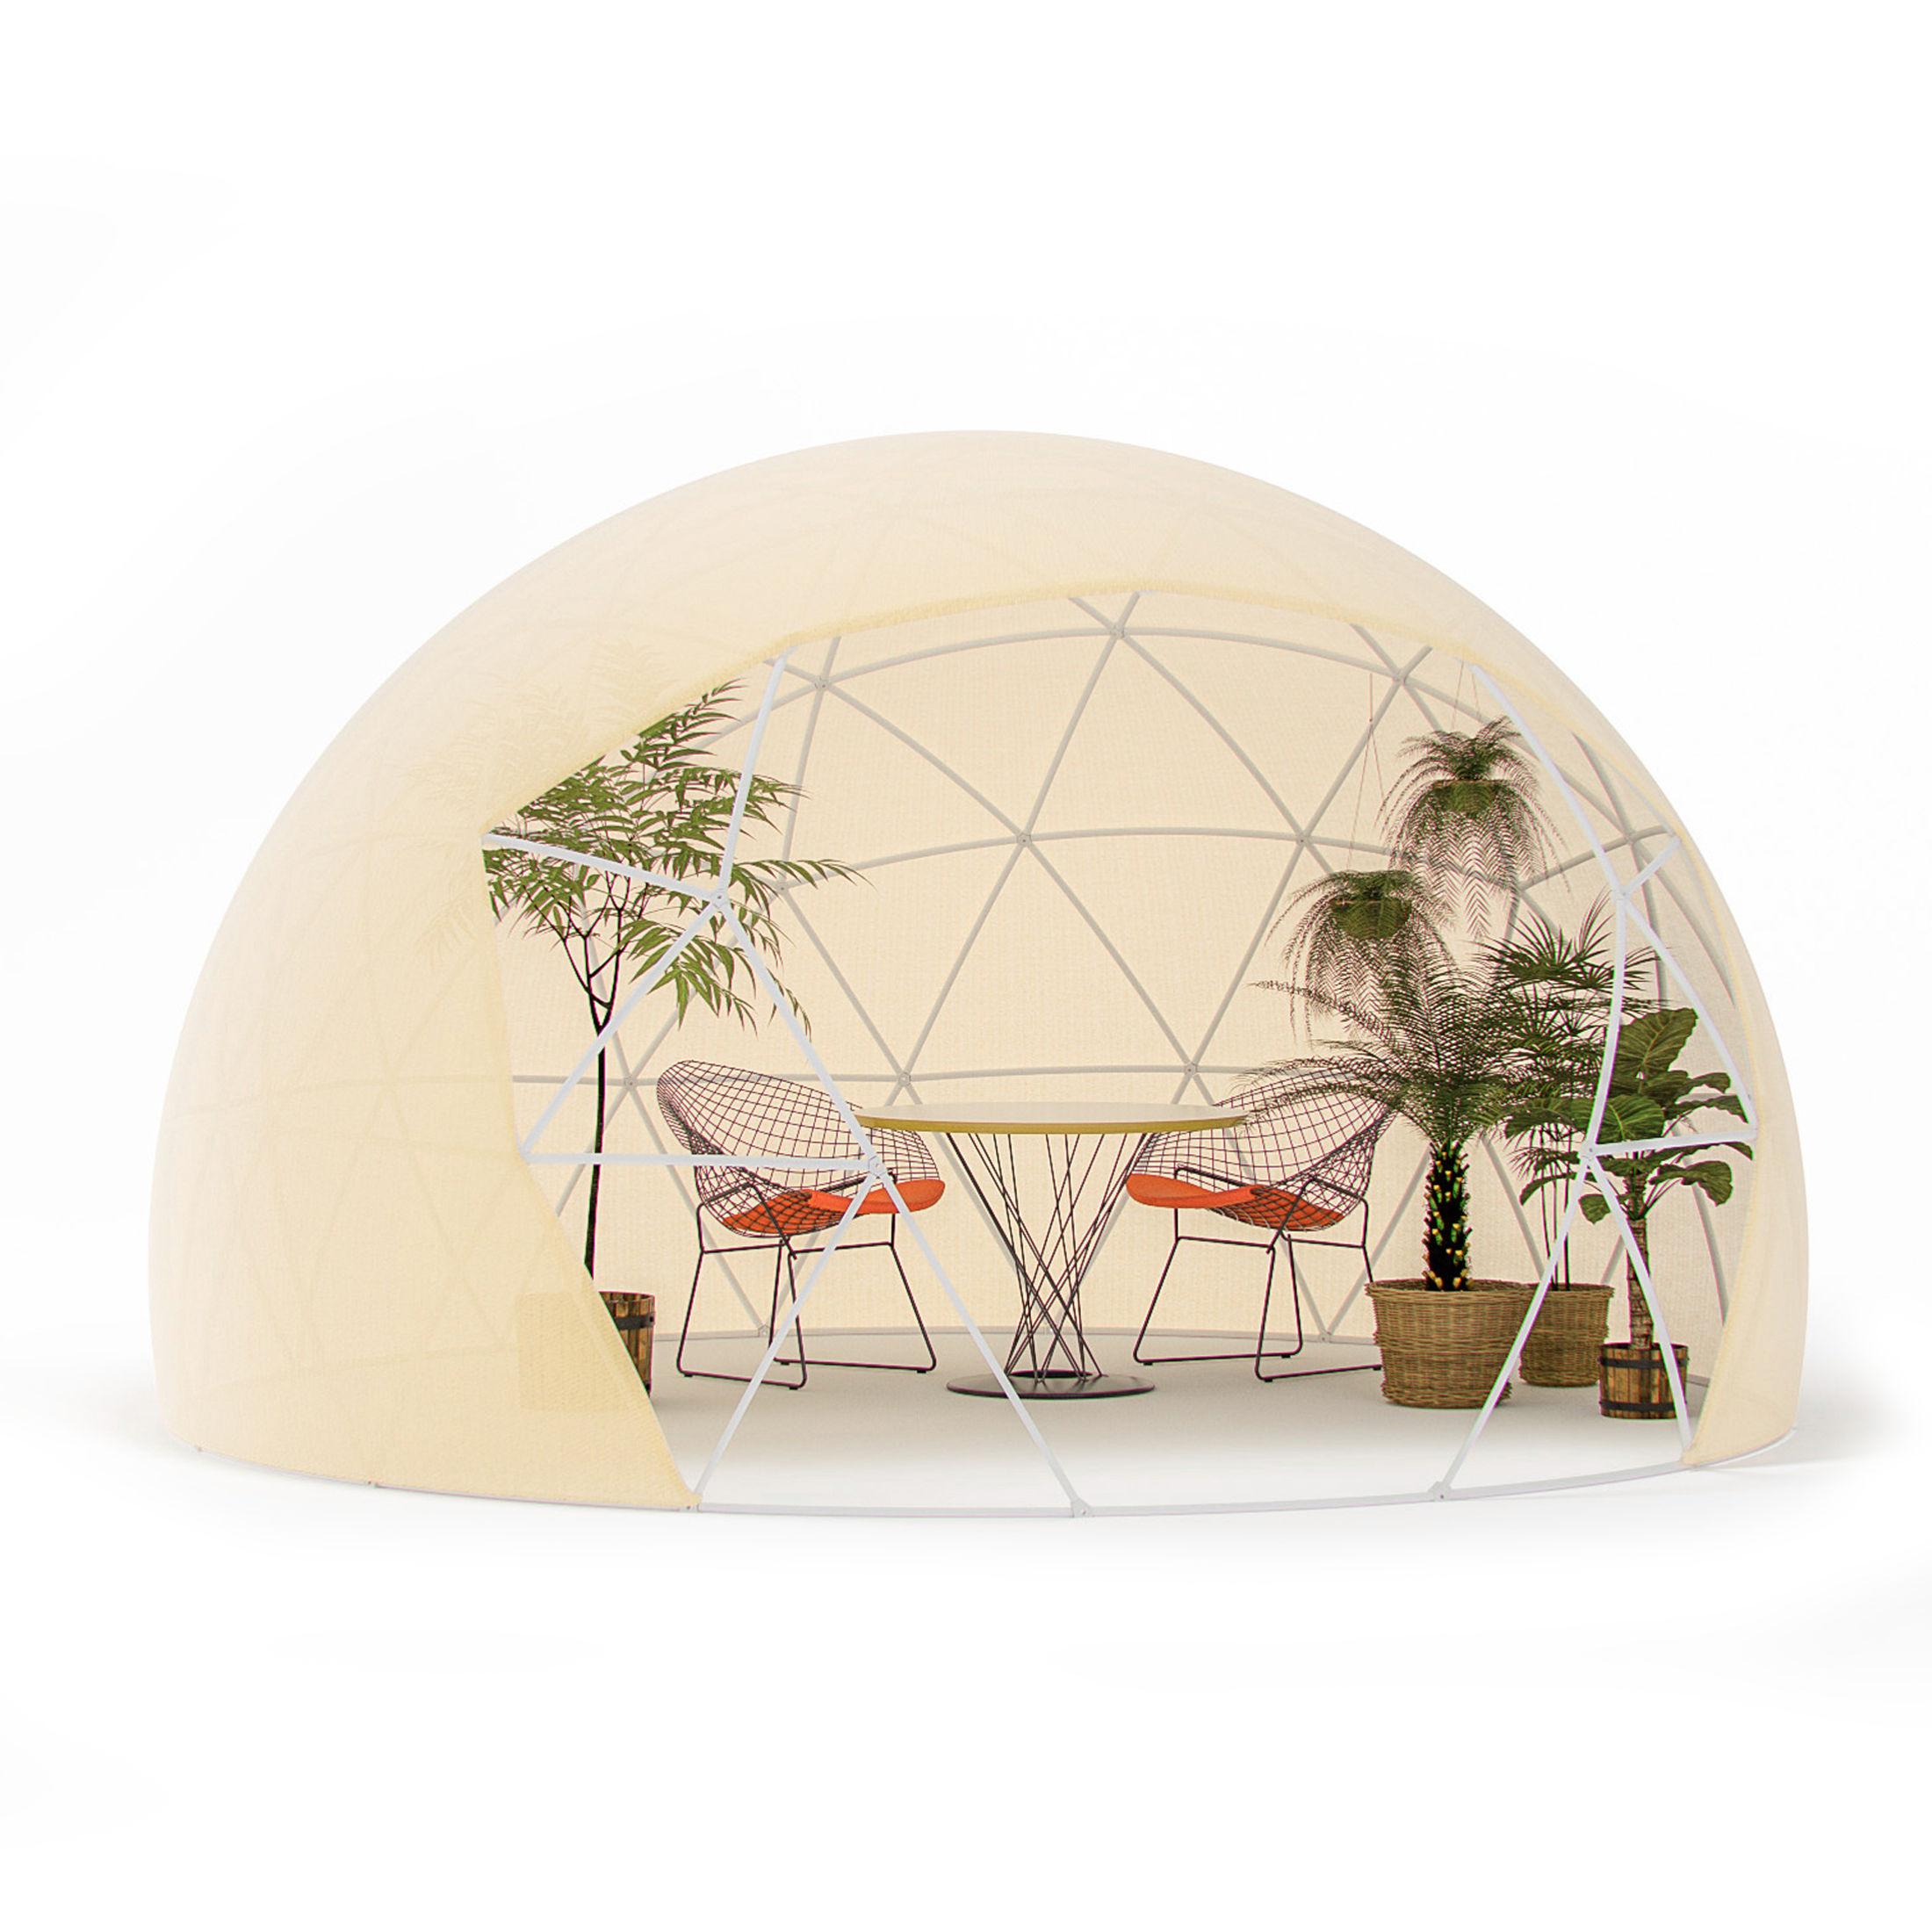 garten iglu pavillon gew chshaus garden igloo four seasons und passender son ebay. Black Bedroom Furniture Sets. Home Design Ideas